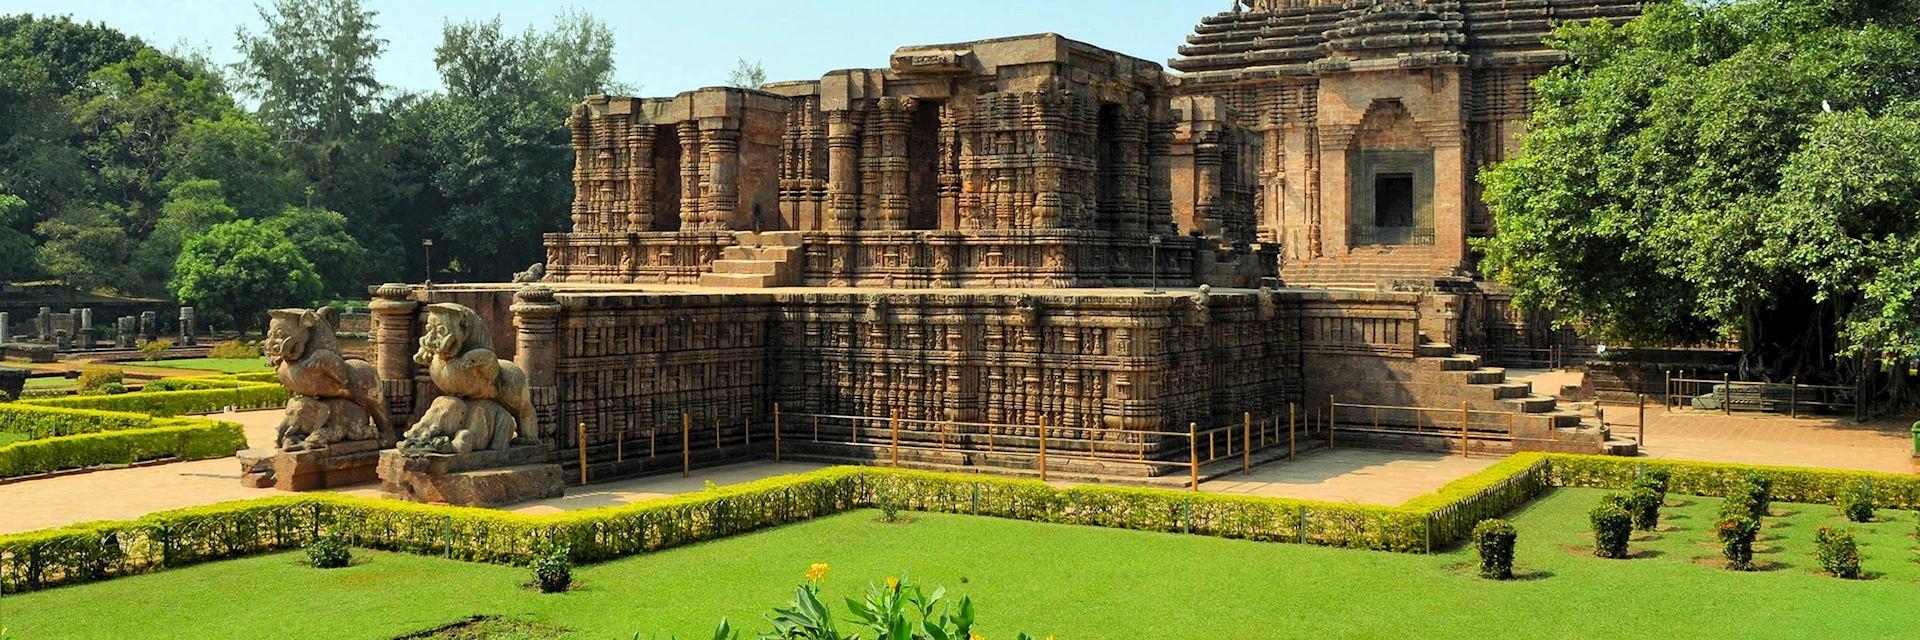 Sun Temple at Konark, Orissa